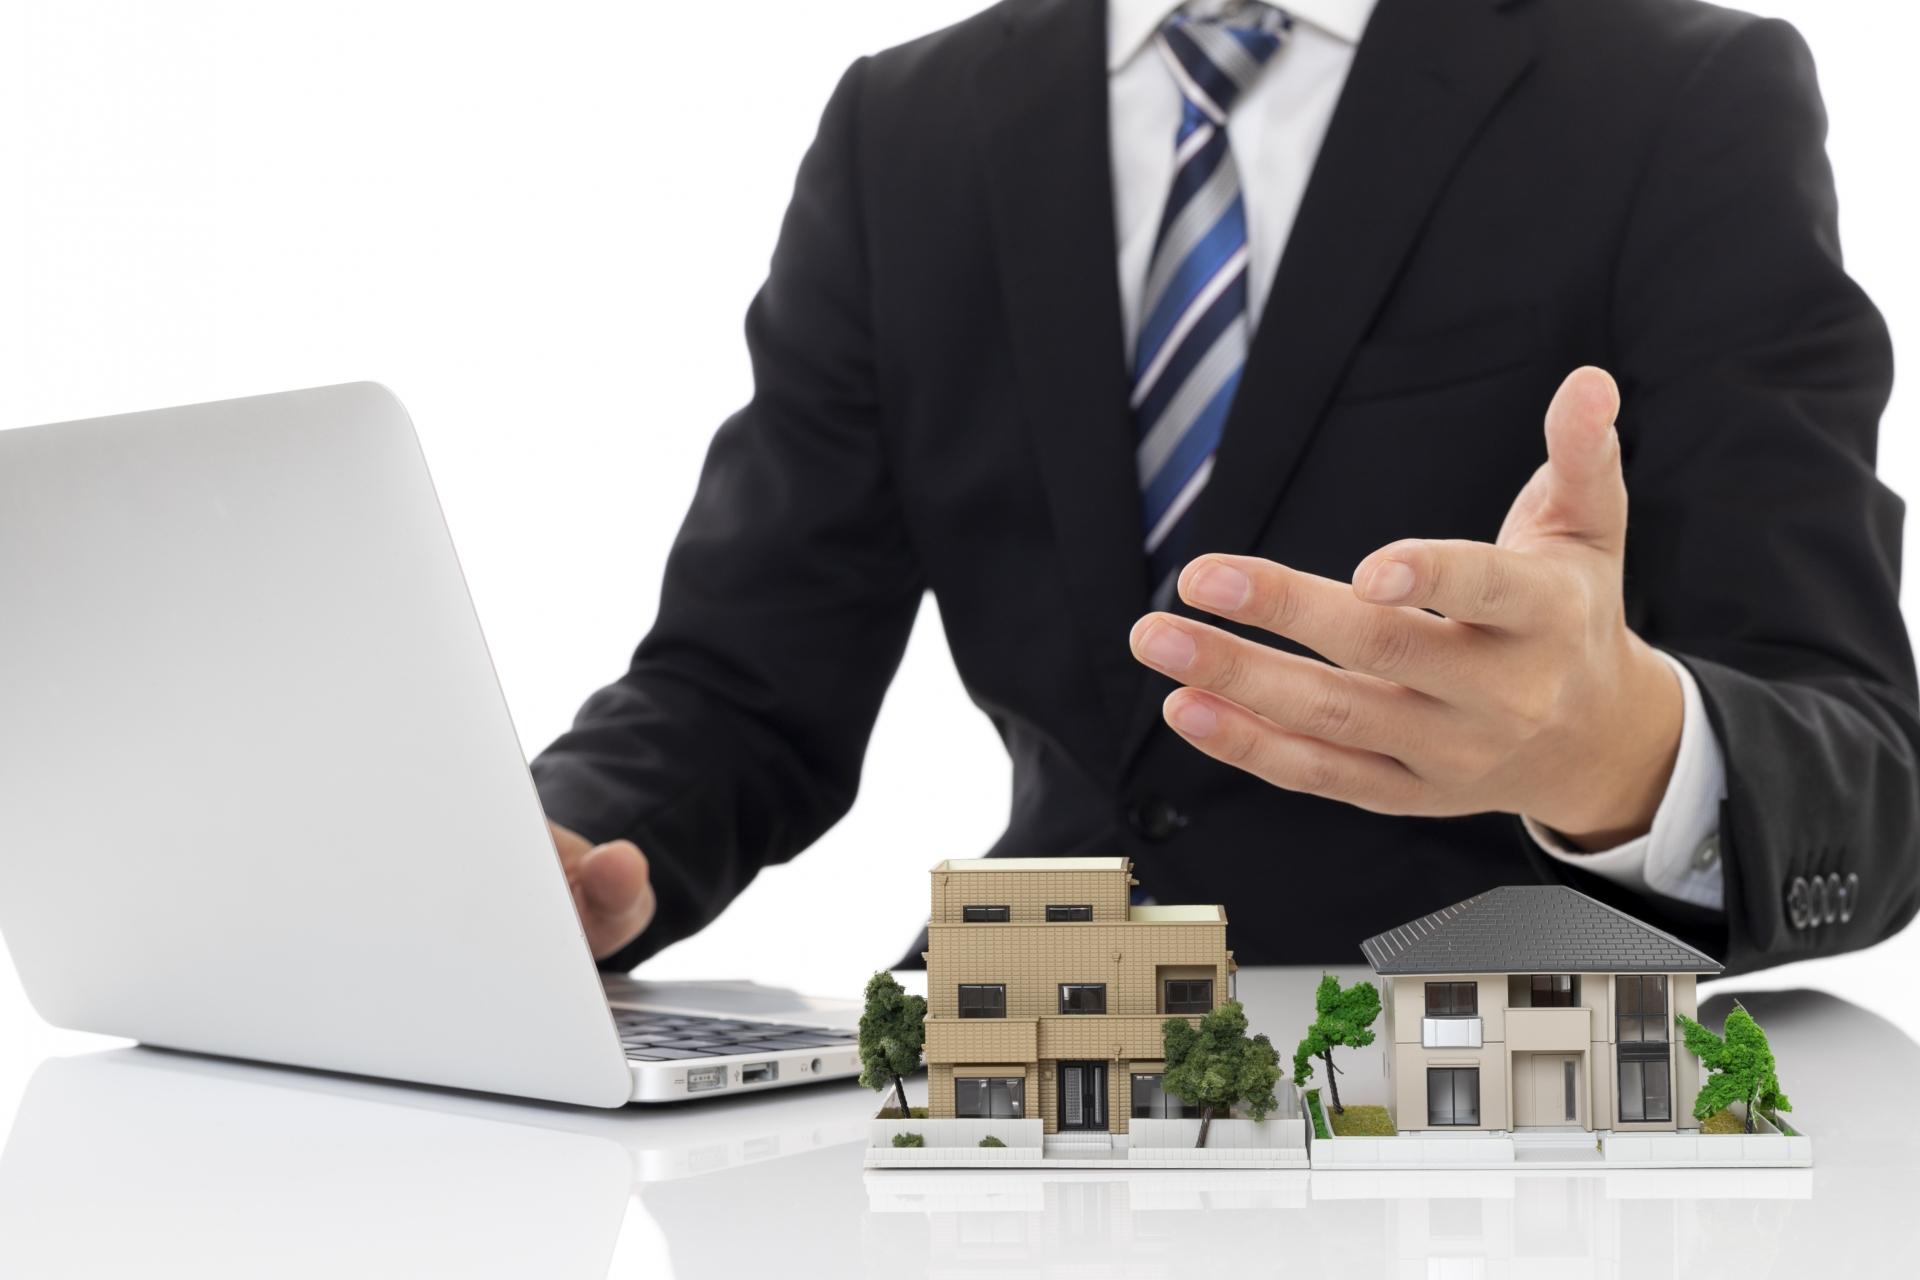 住宅の模型を前にパソコンを使いながら説明をするスーツの男性